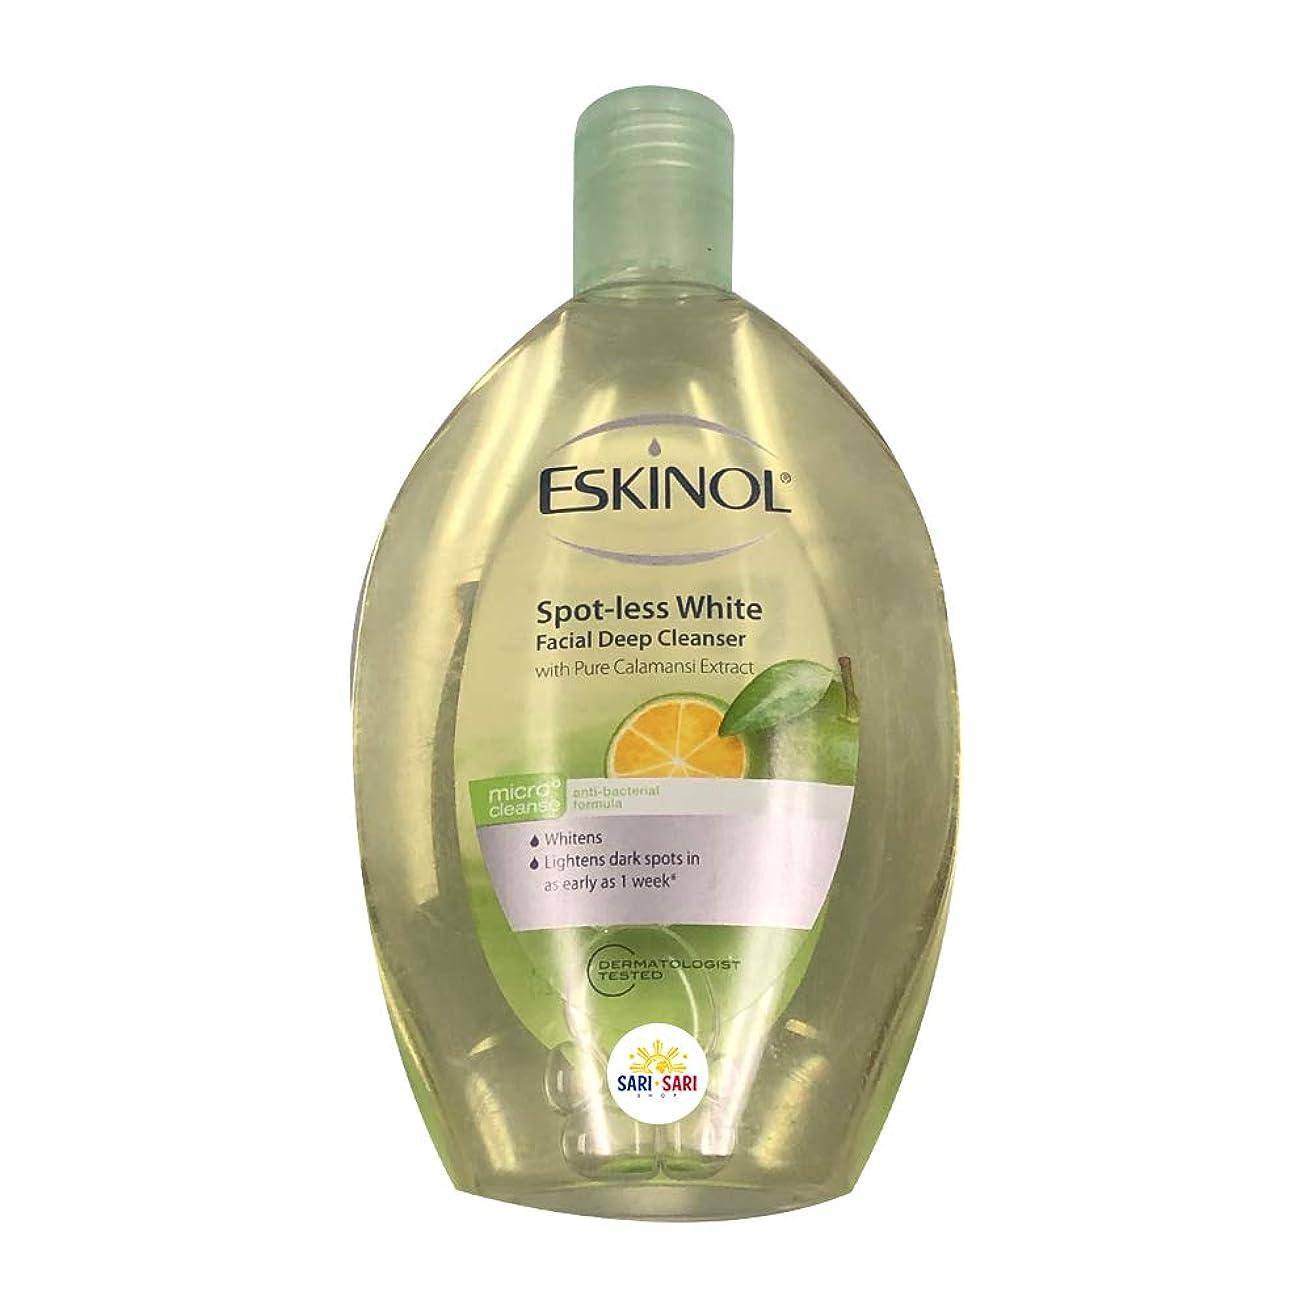 争い故意に混乱したESKINOL【Spot-less White Facial Deep Cleanser 225ml】Philippines エスキノール〈洗顔用化粧水〉